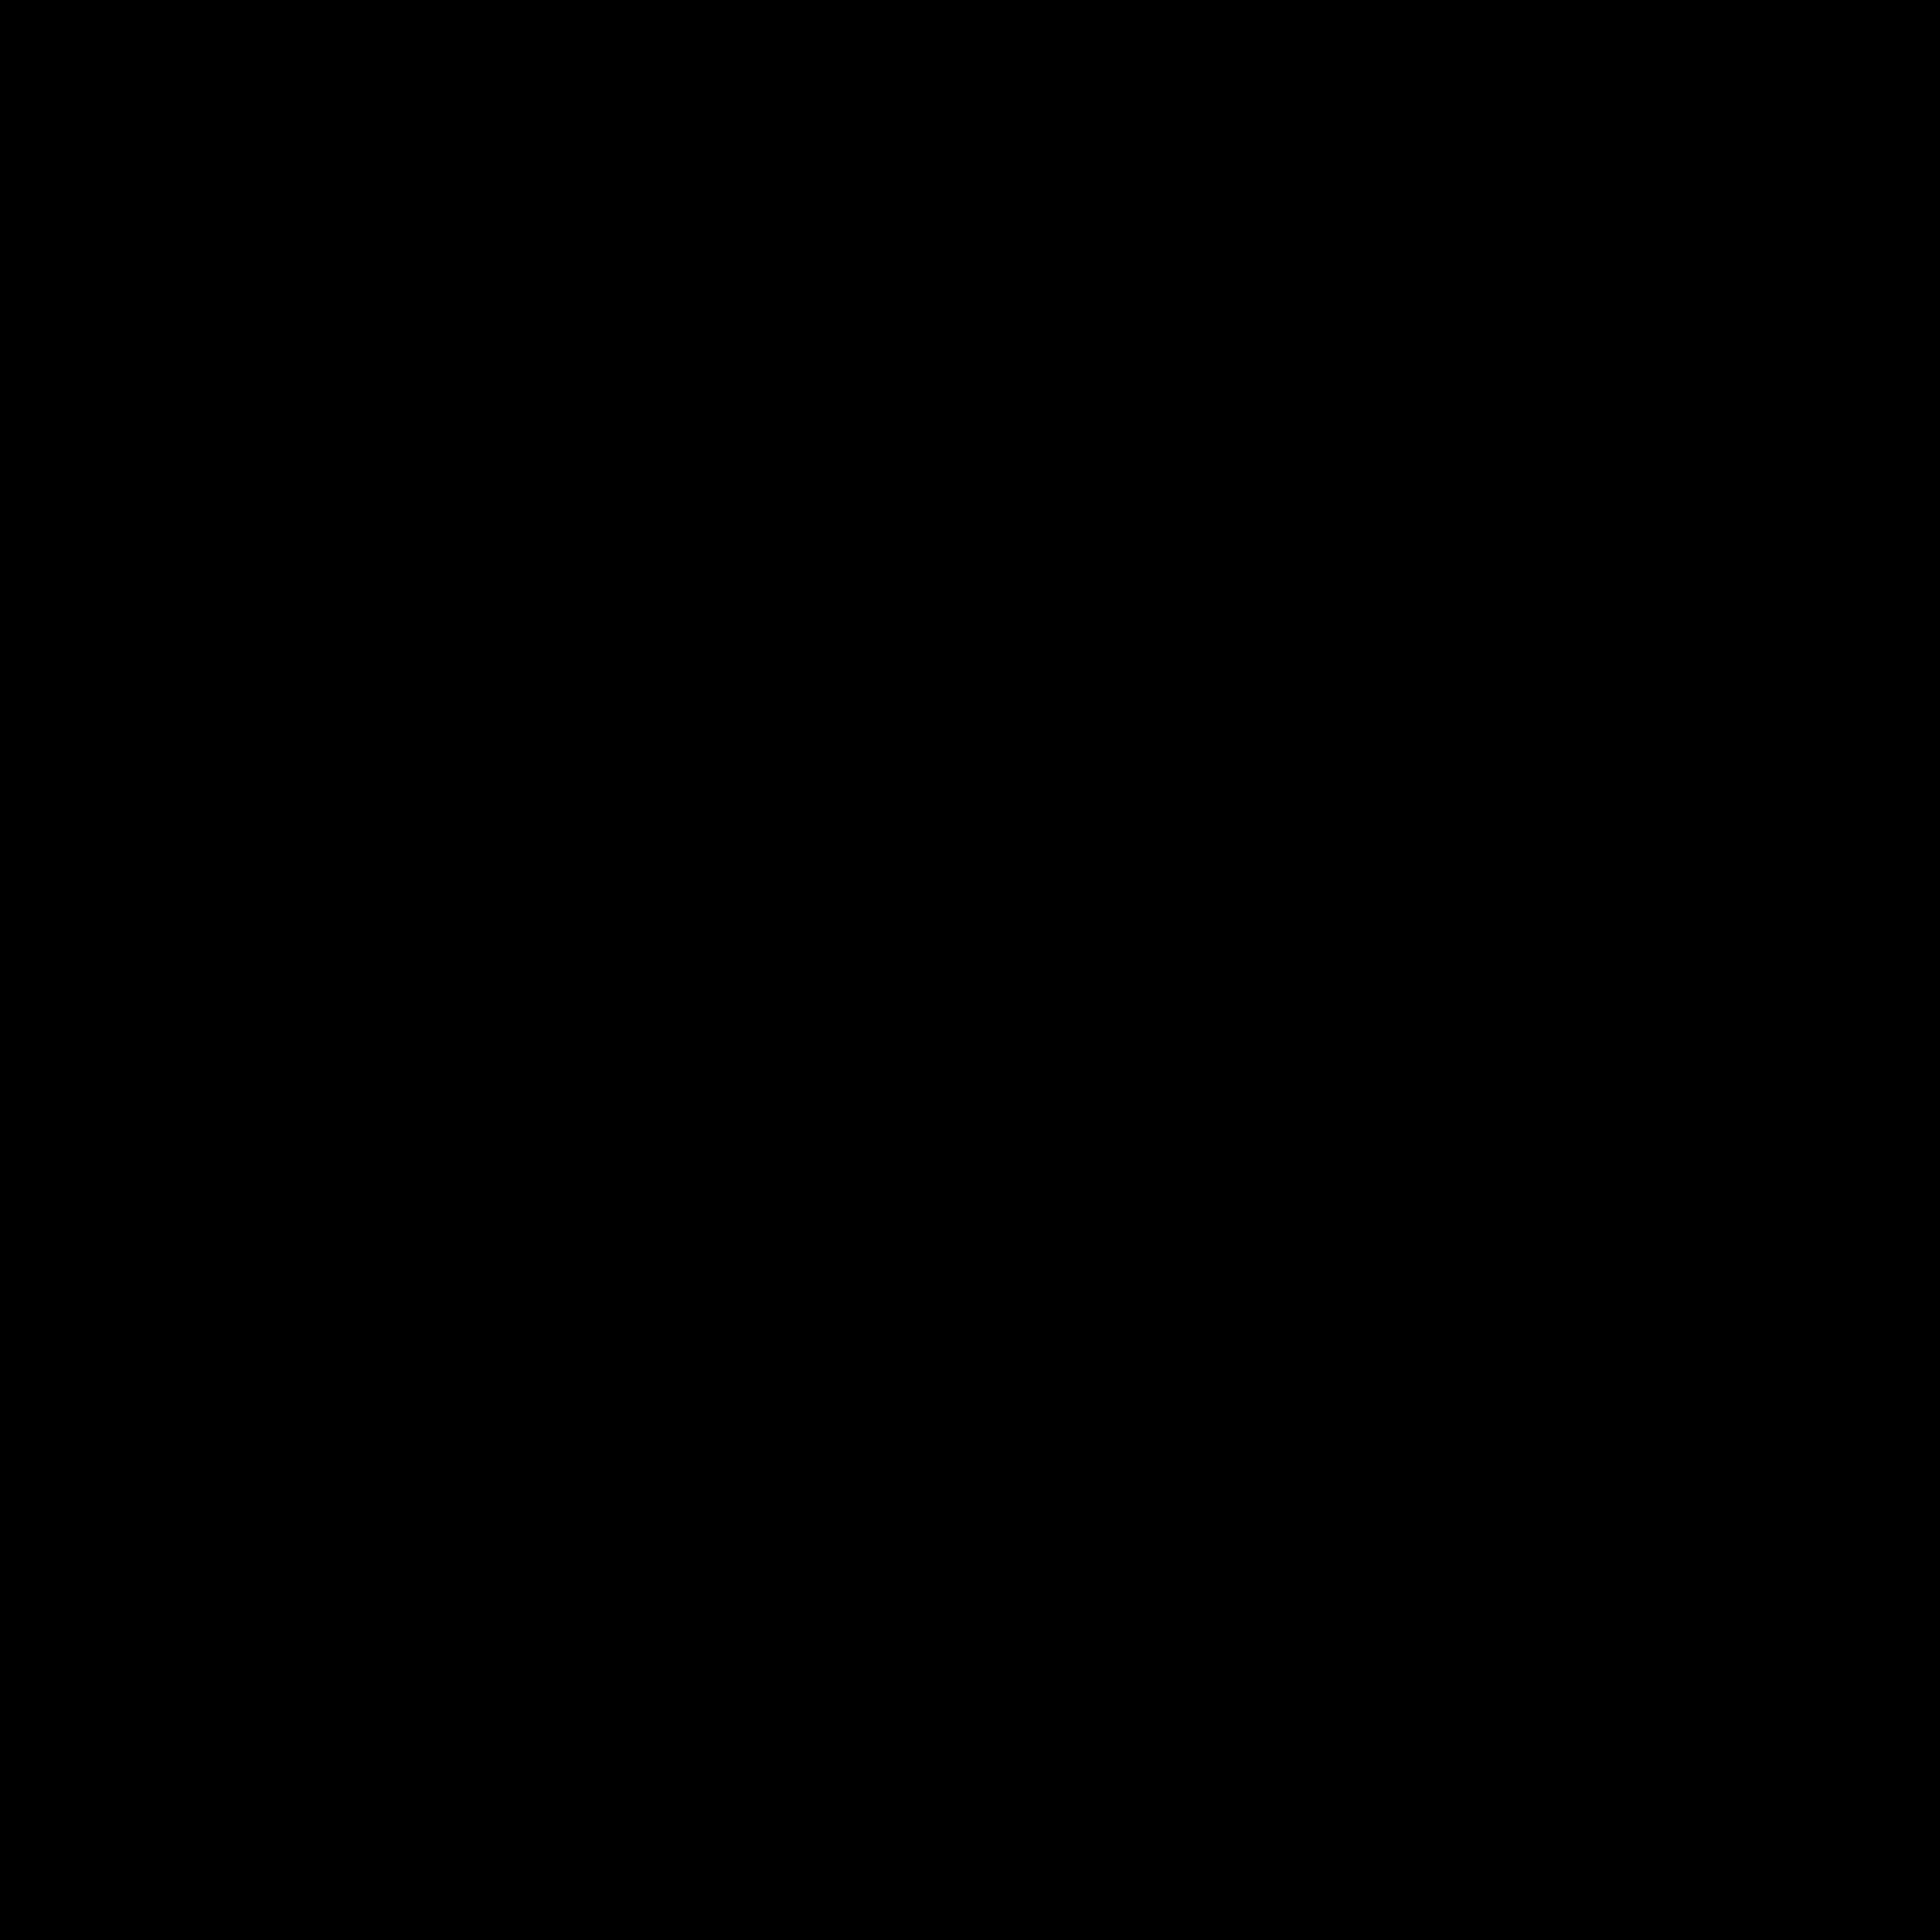 8f3c2001-fd93-47bf-b611-78a29c07af19